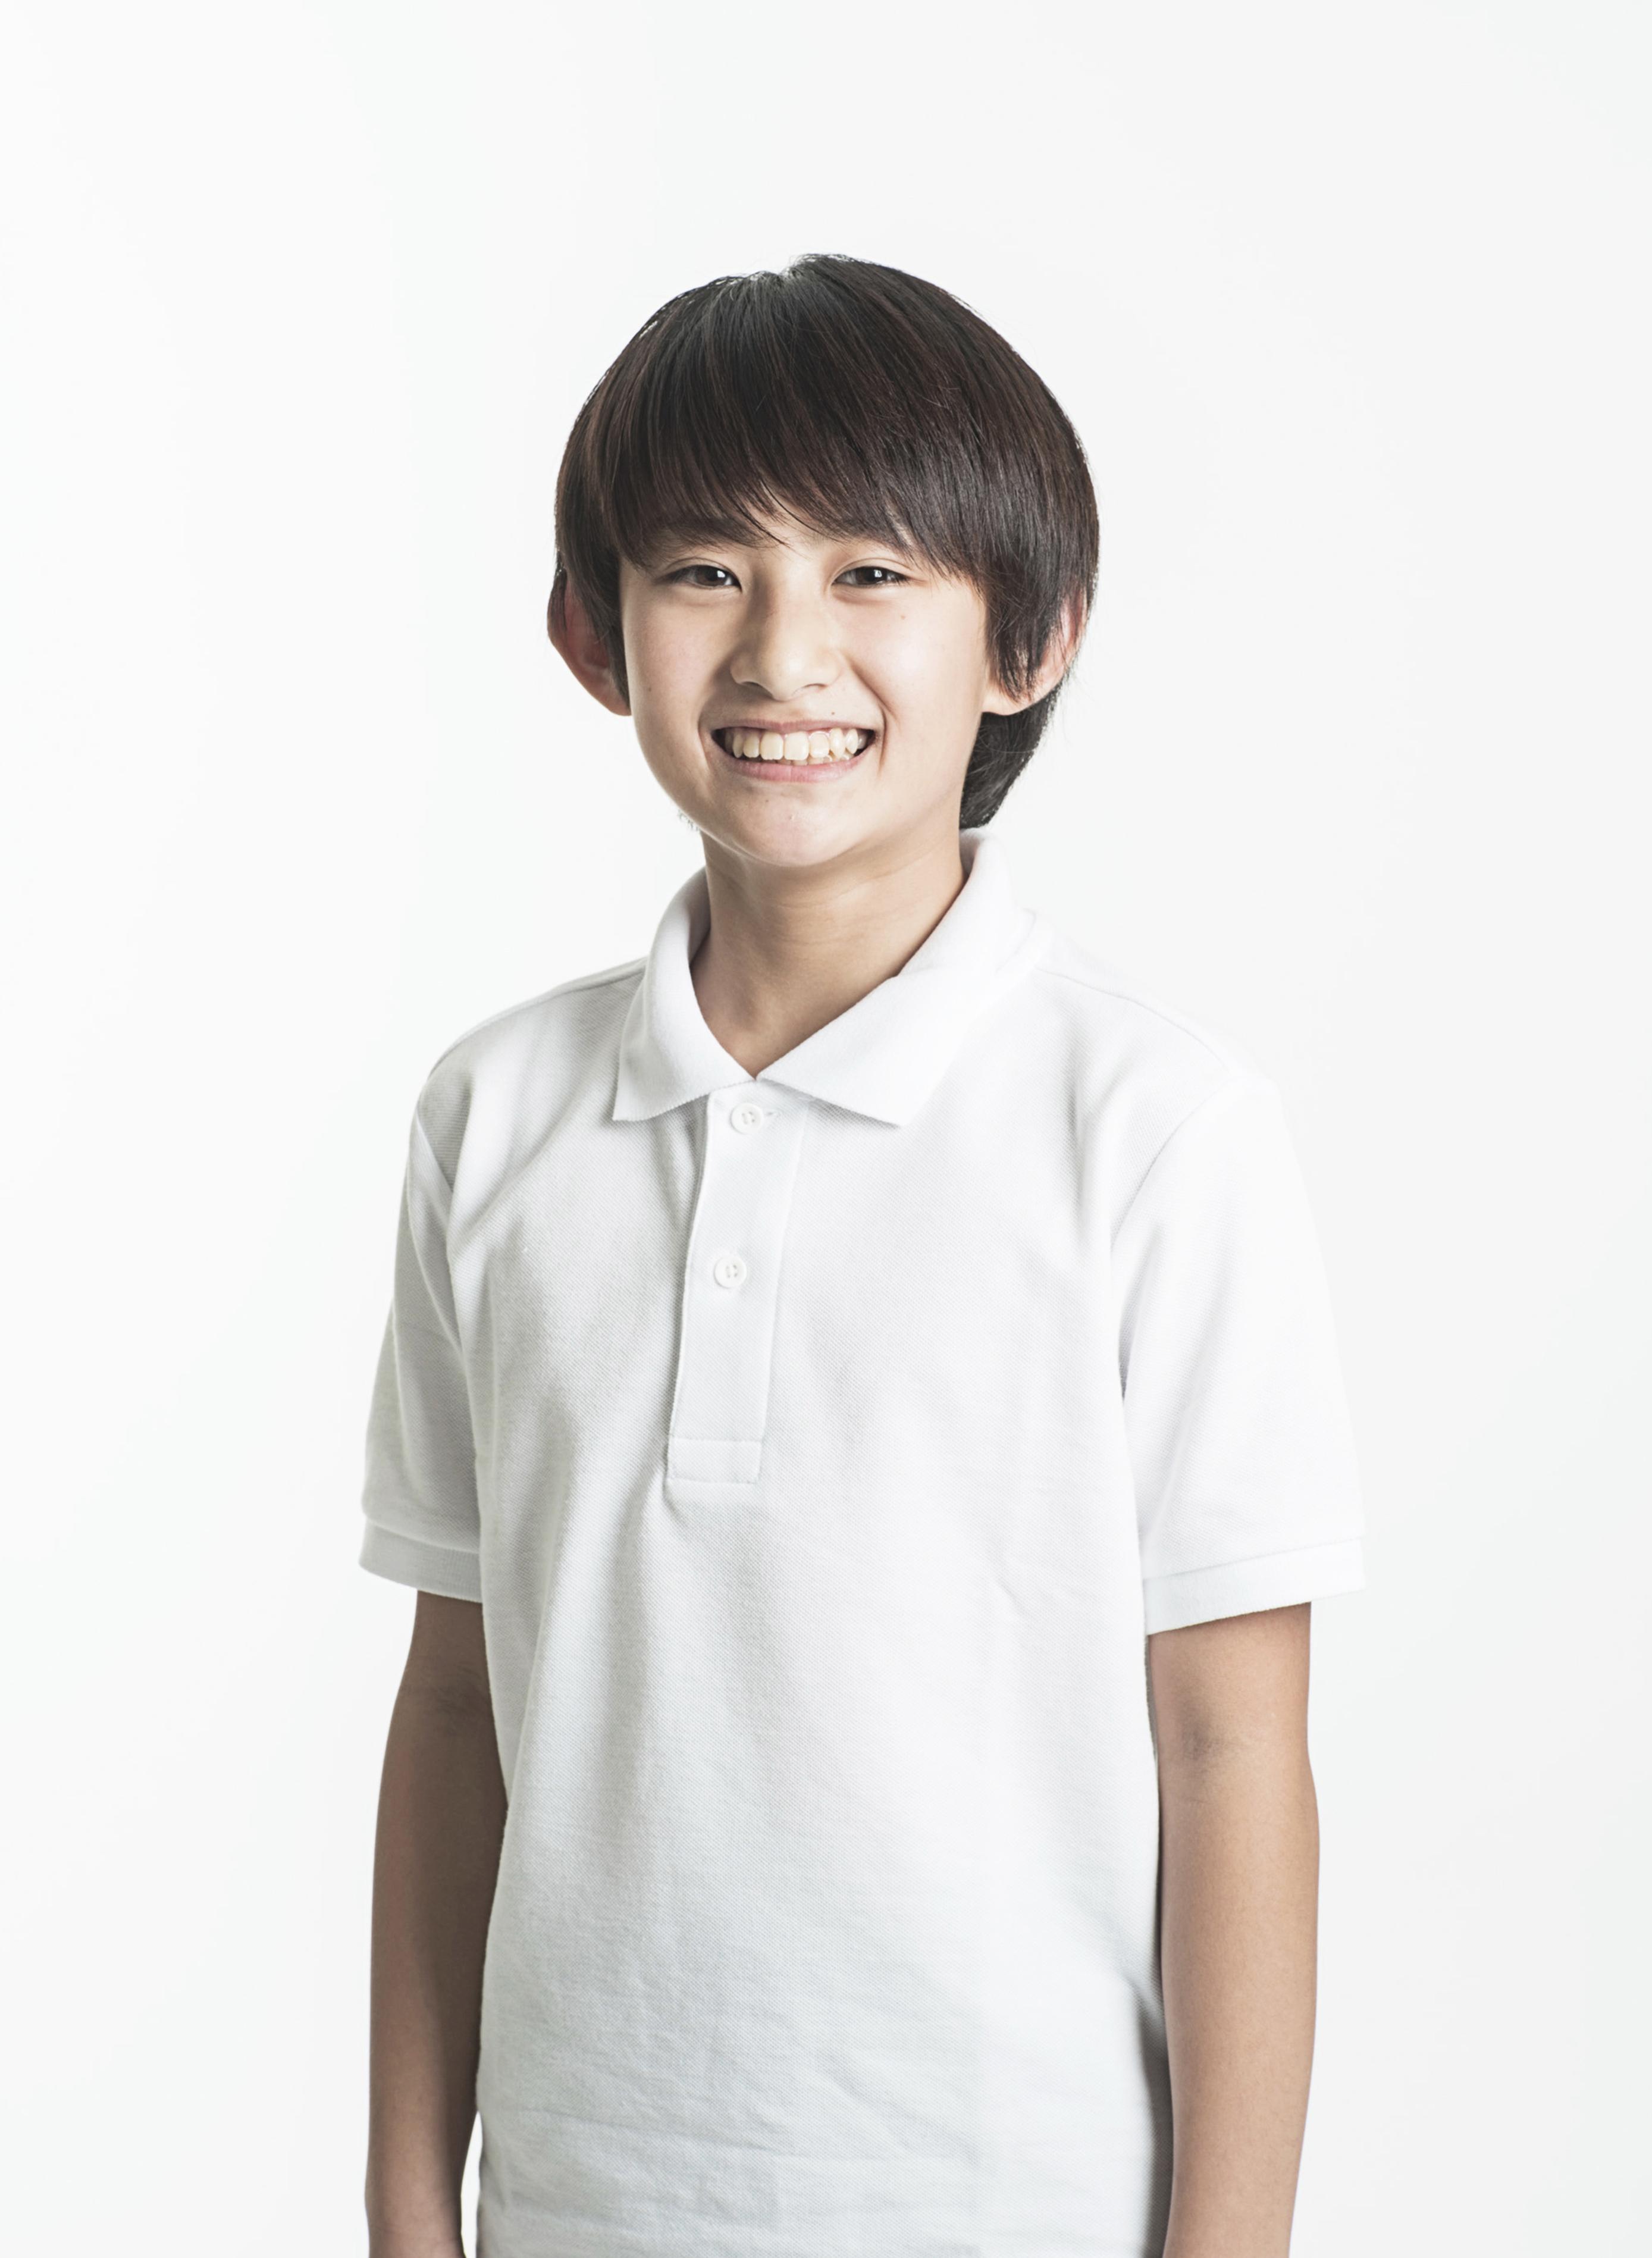 前田晴翔(まえだ・はると)東京出身 12歳